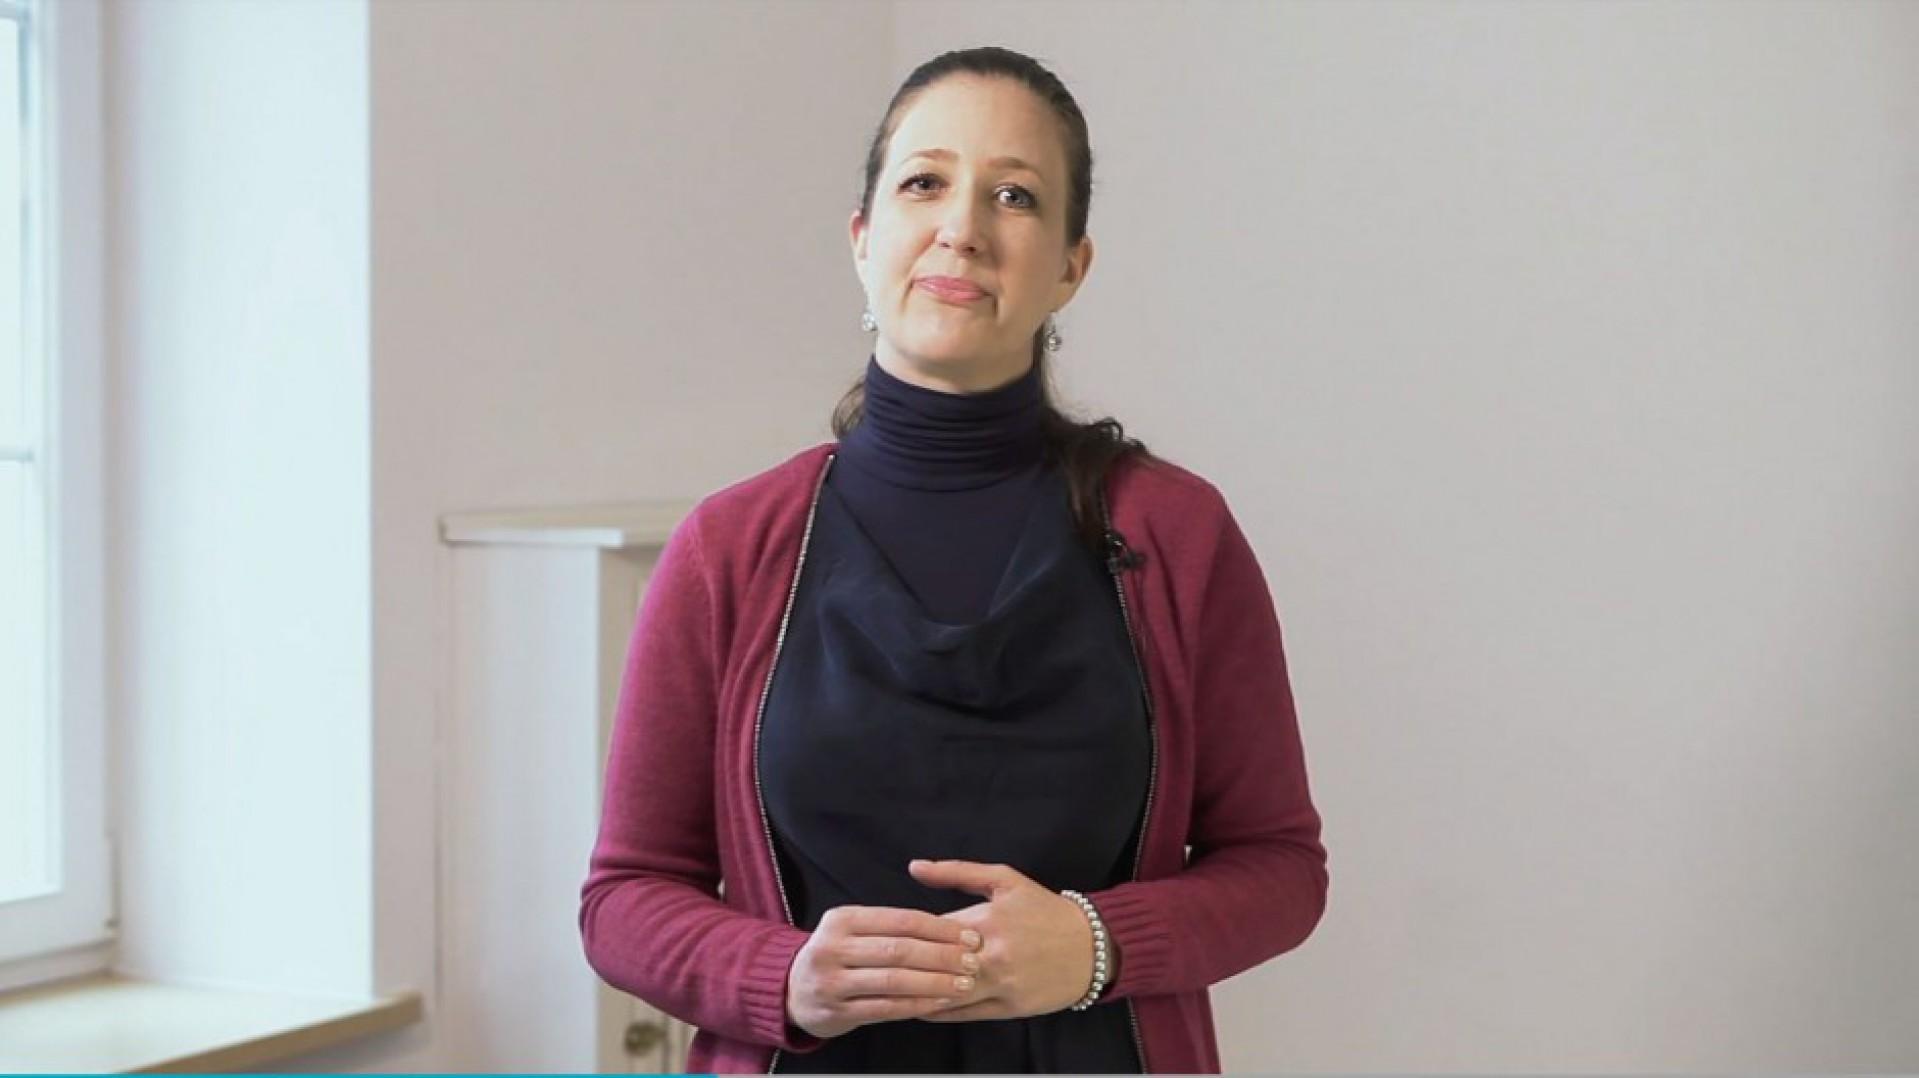 Justyna Smolec, architekt opowie na Forum Branży Łazienkowej, czym wyróżnia się projektowanie łazienek dla klientów 50+. Fot. Archiwum